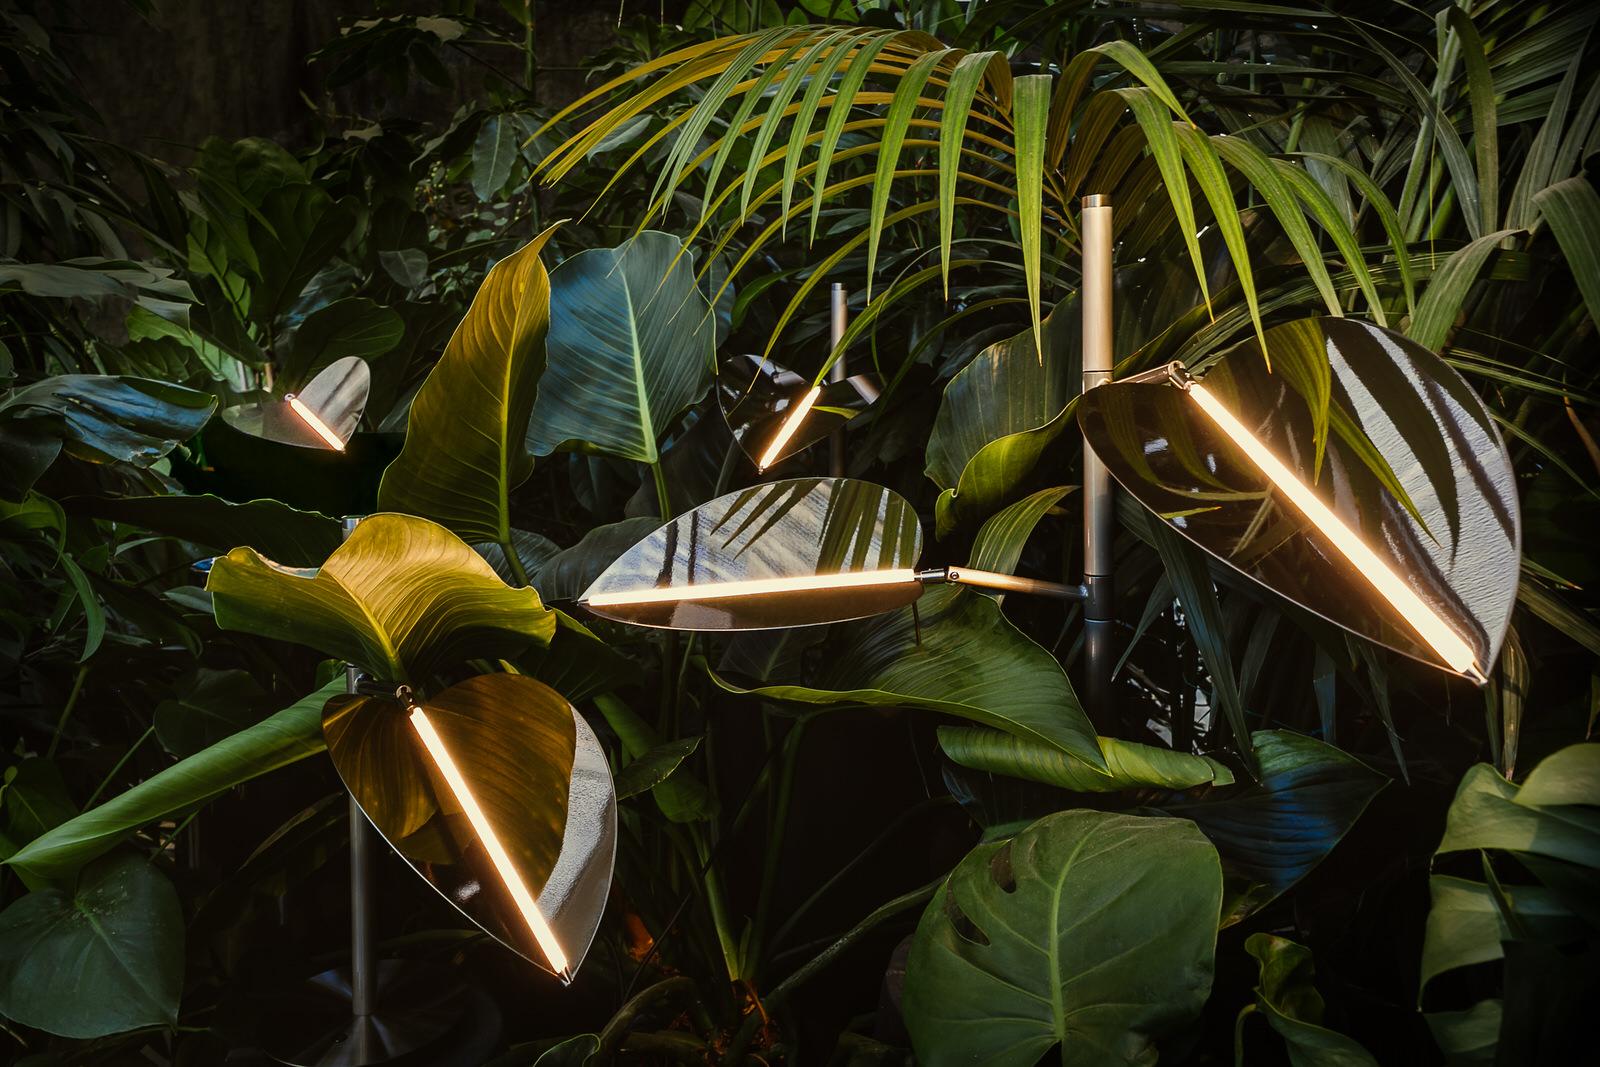 Aracea Lamp Gupica Visionnaire Photo Elettra Bastoni Yellowtrace